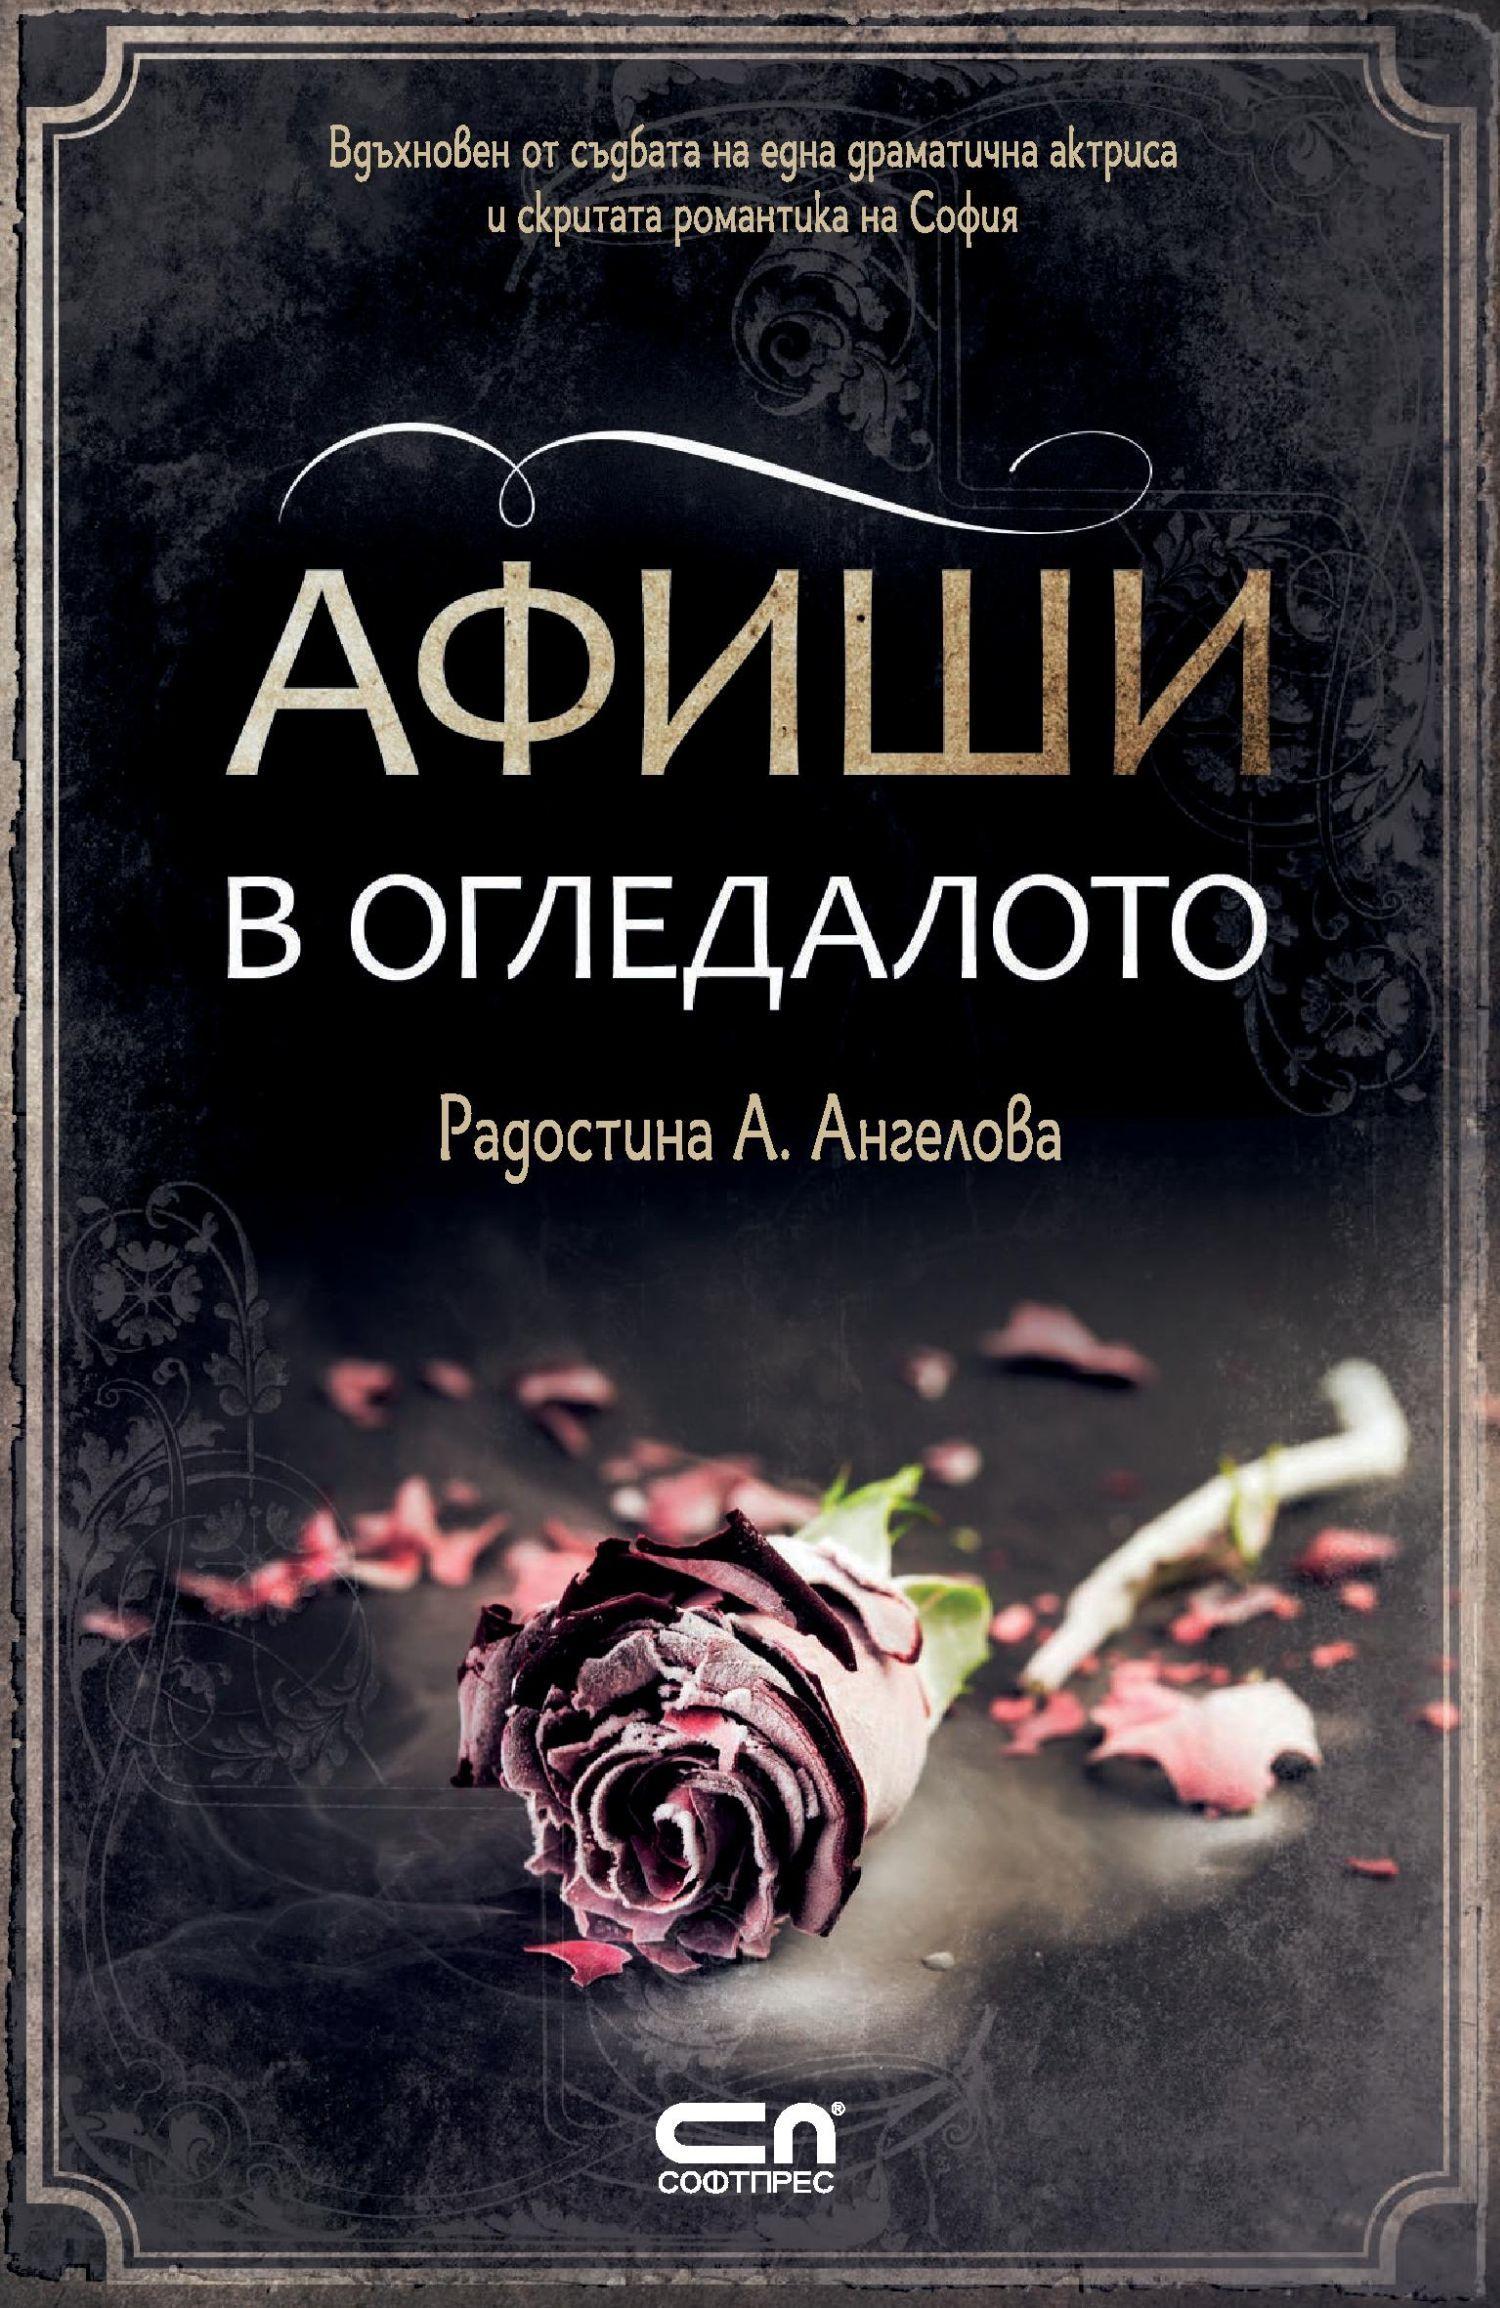 afishi-v-ogledaloto - 1